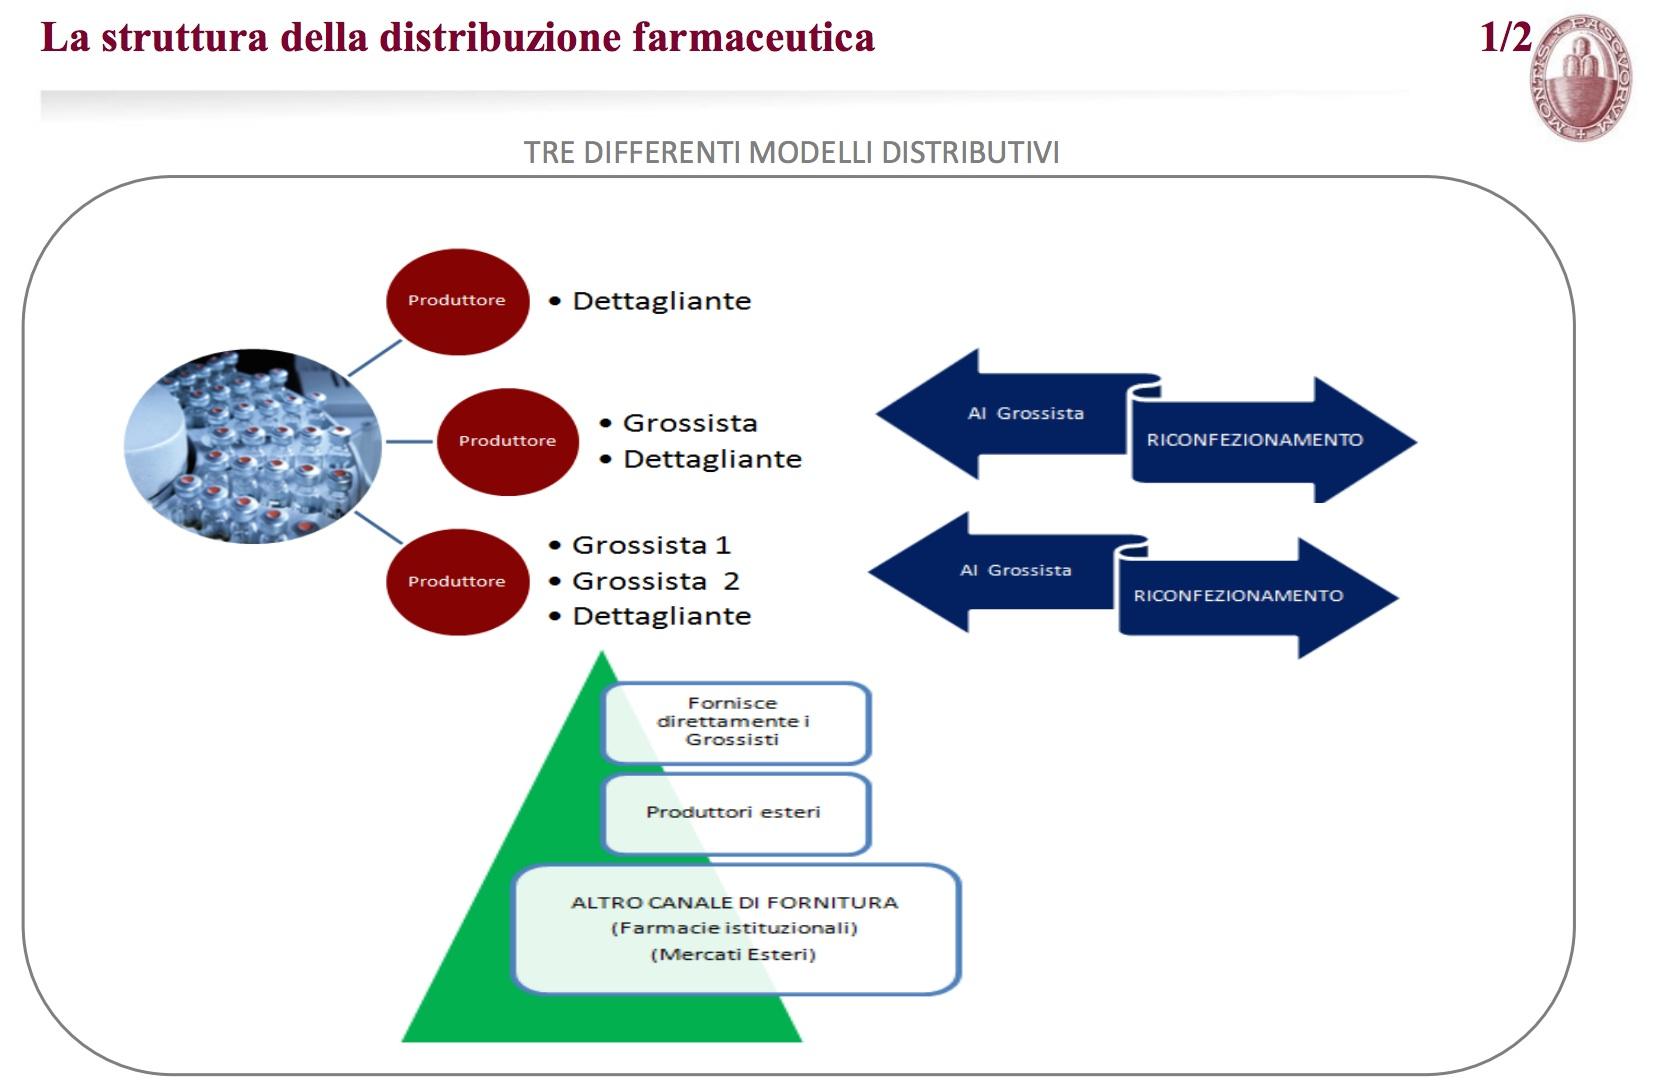 Distribuzione Farmaci Cerco Lavoro.Farmaceutica Il Management It